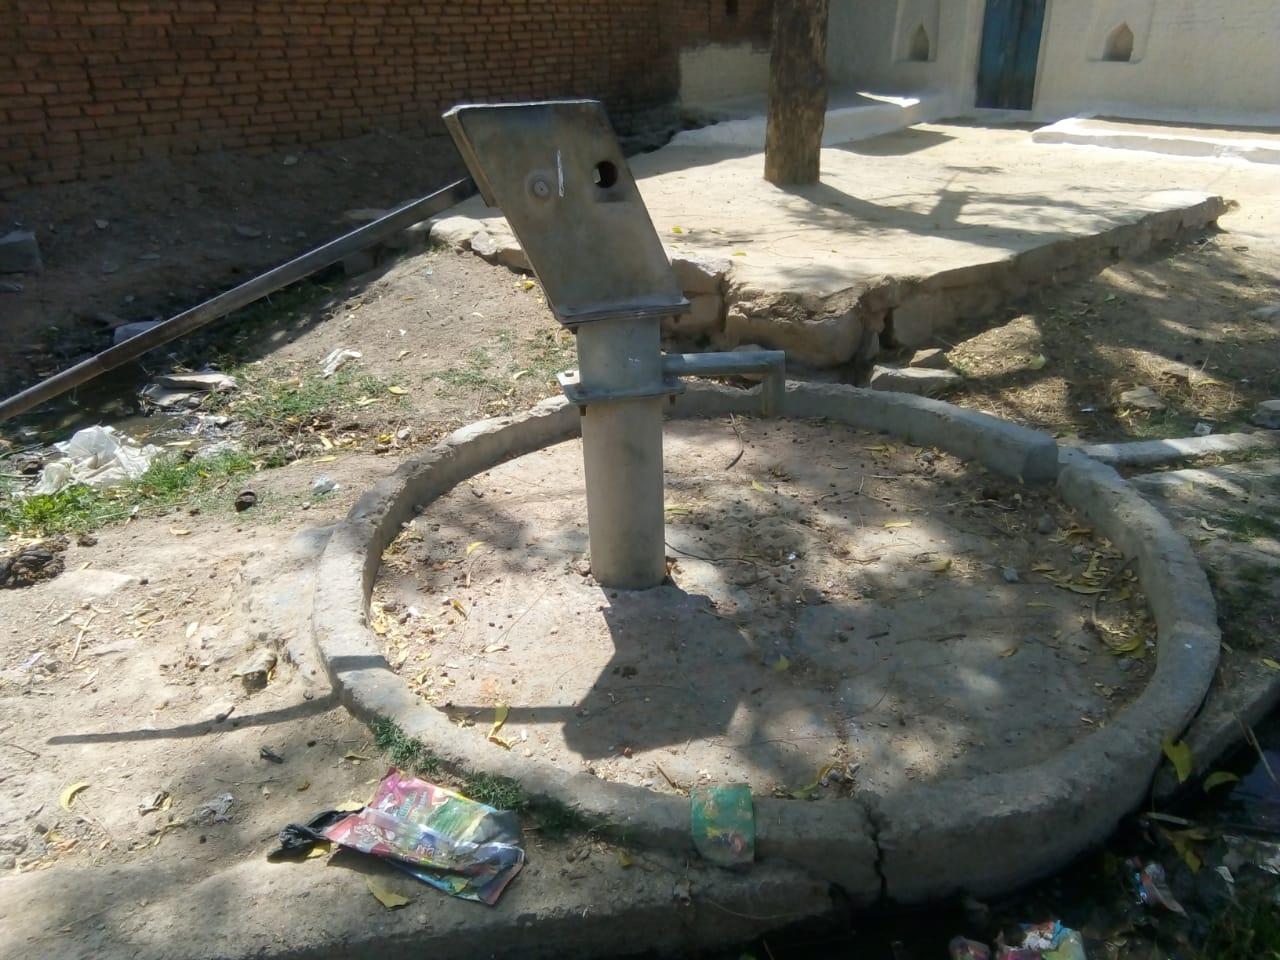 जिले में शुरू हुआ जल संकट का दौर, झूठे साबित हो रहे पीएचई विभाग के दावें